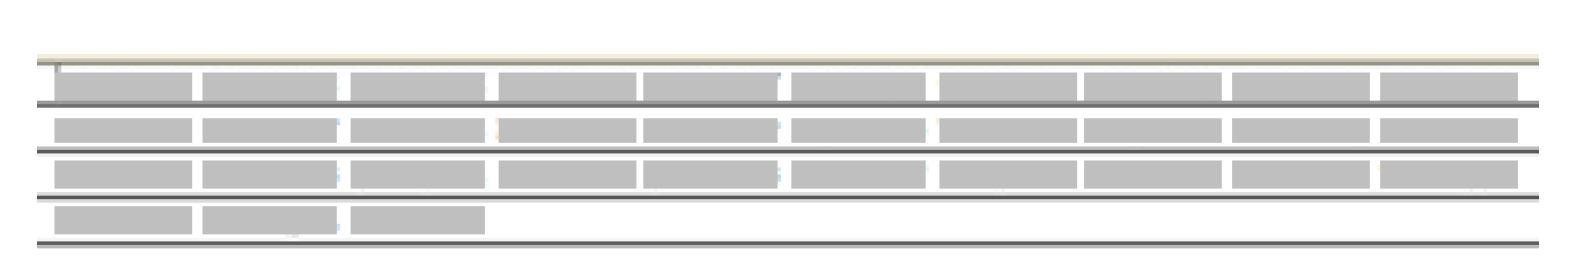 그림 38. Human Ig γ2의 constant region 아미노산 서열